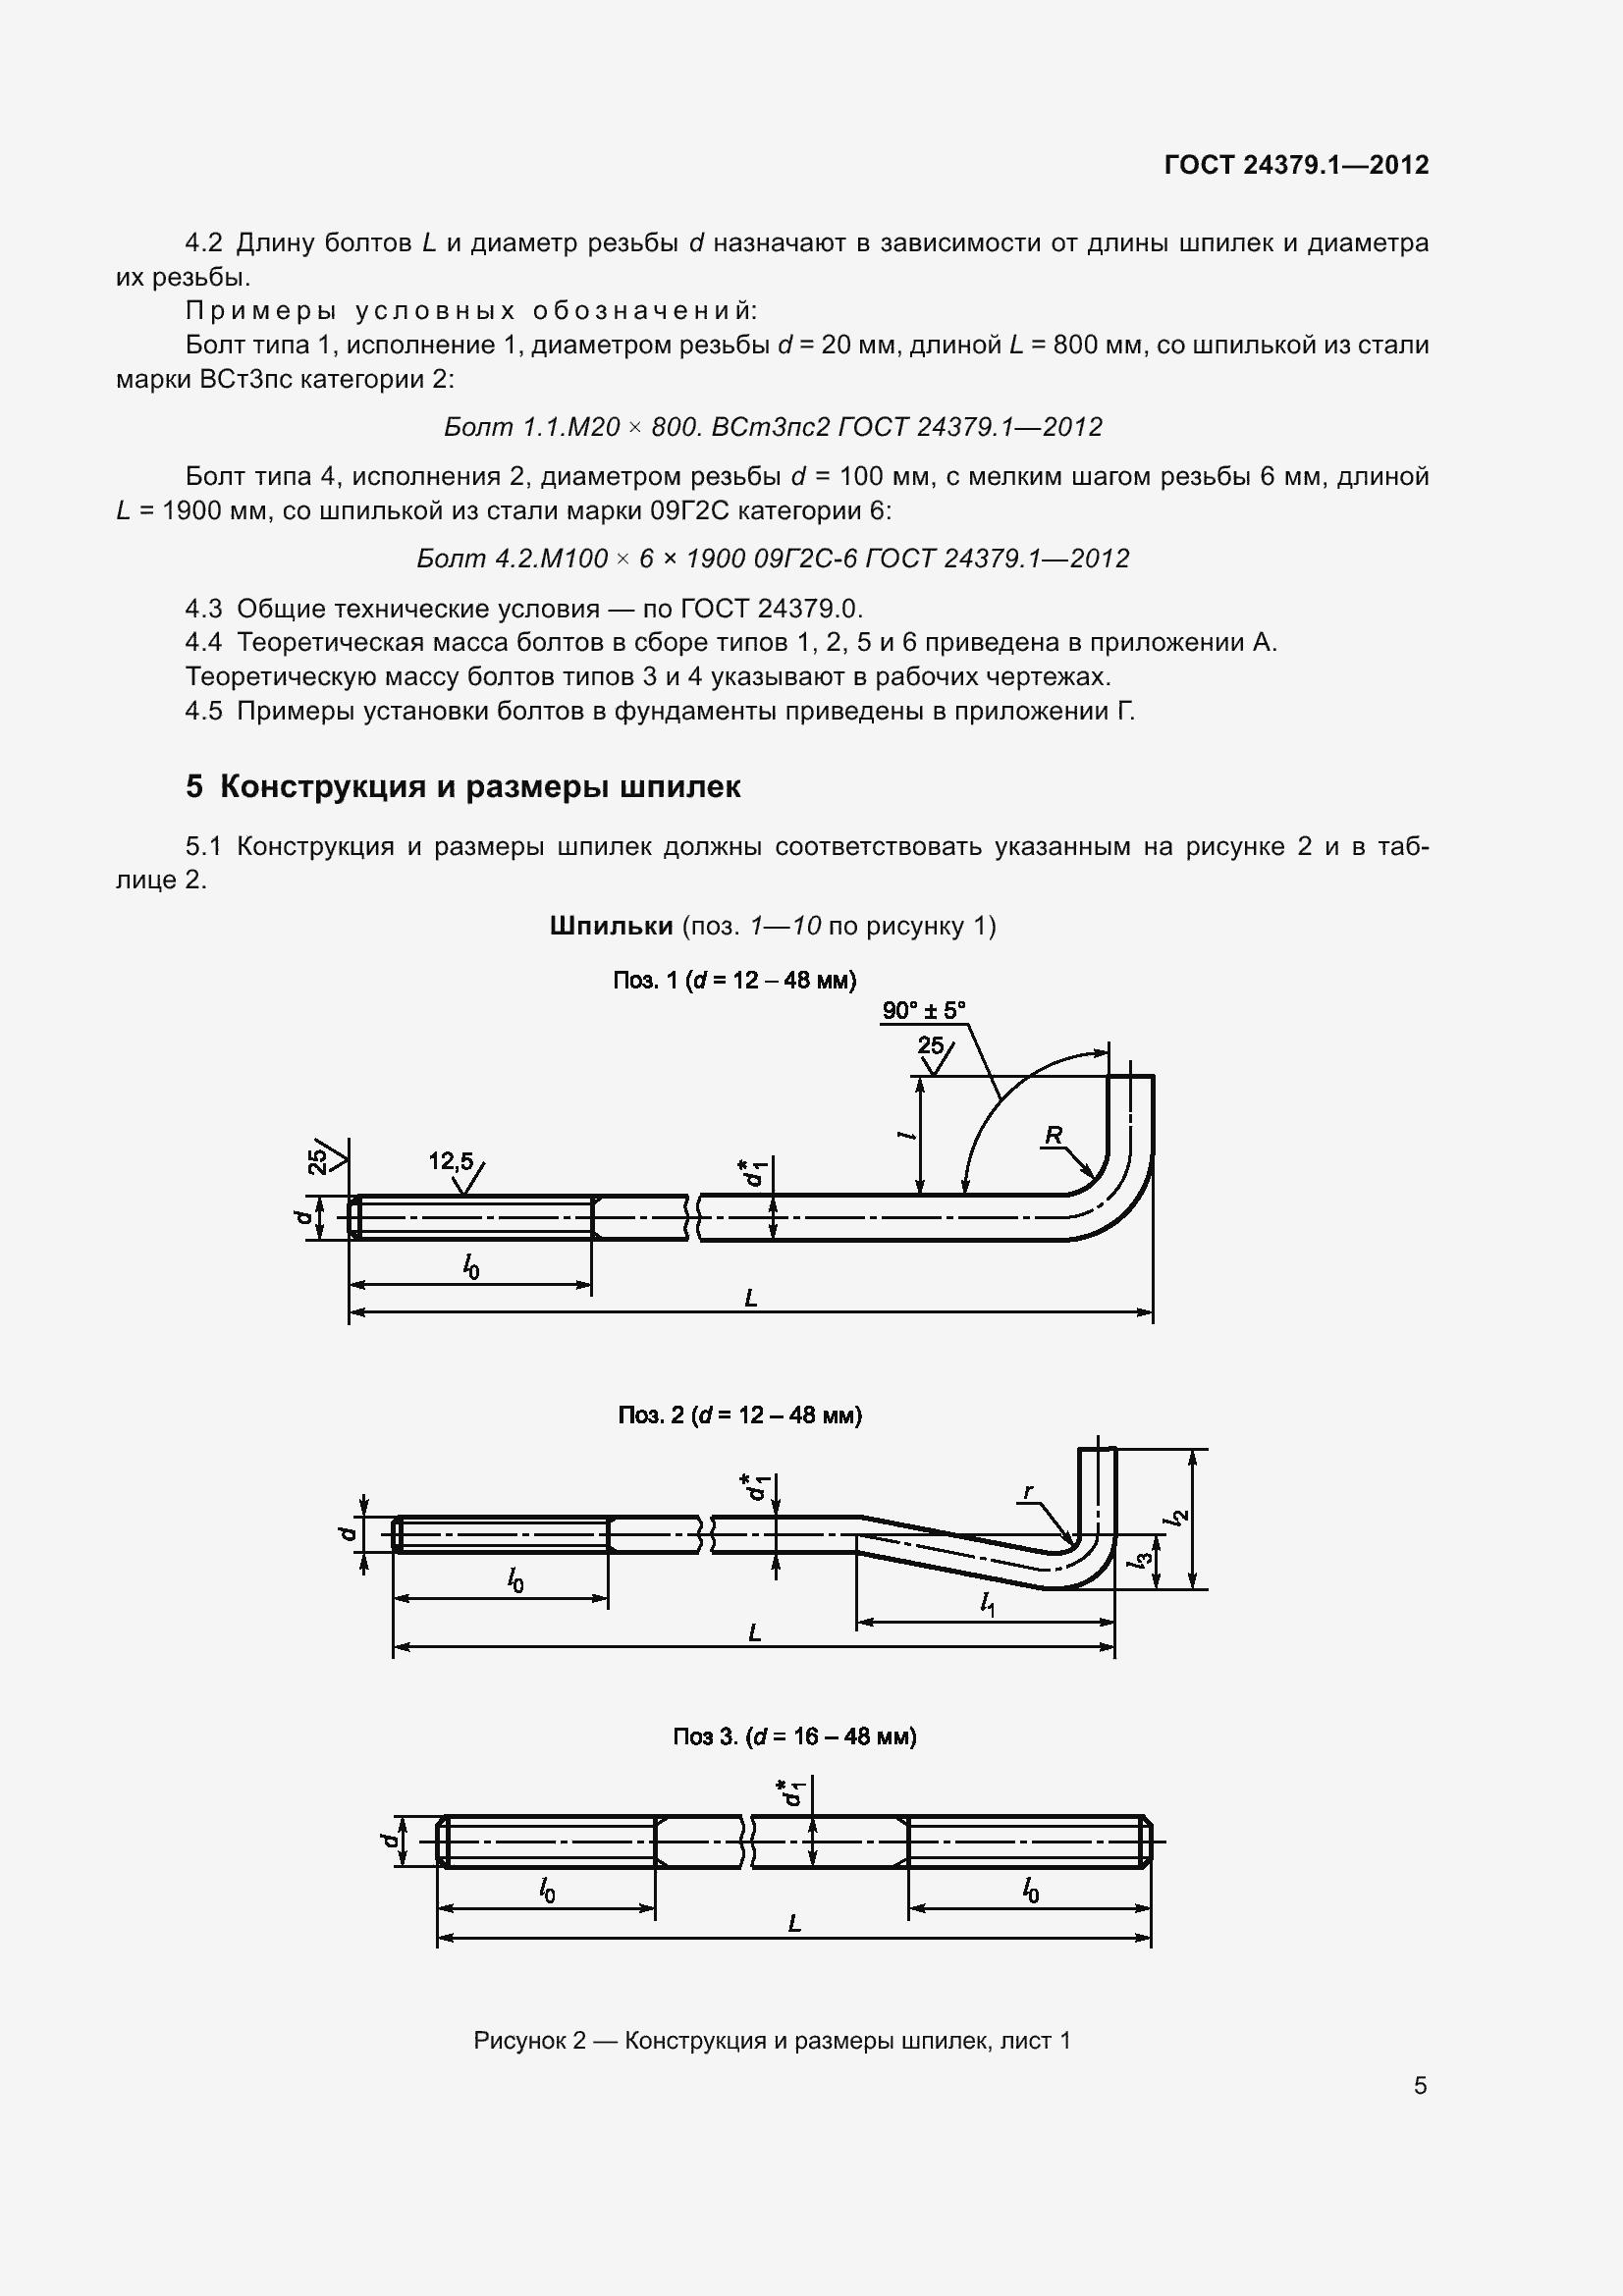 ГОСТ 24379.1-2012. Страница 11